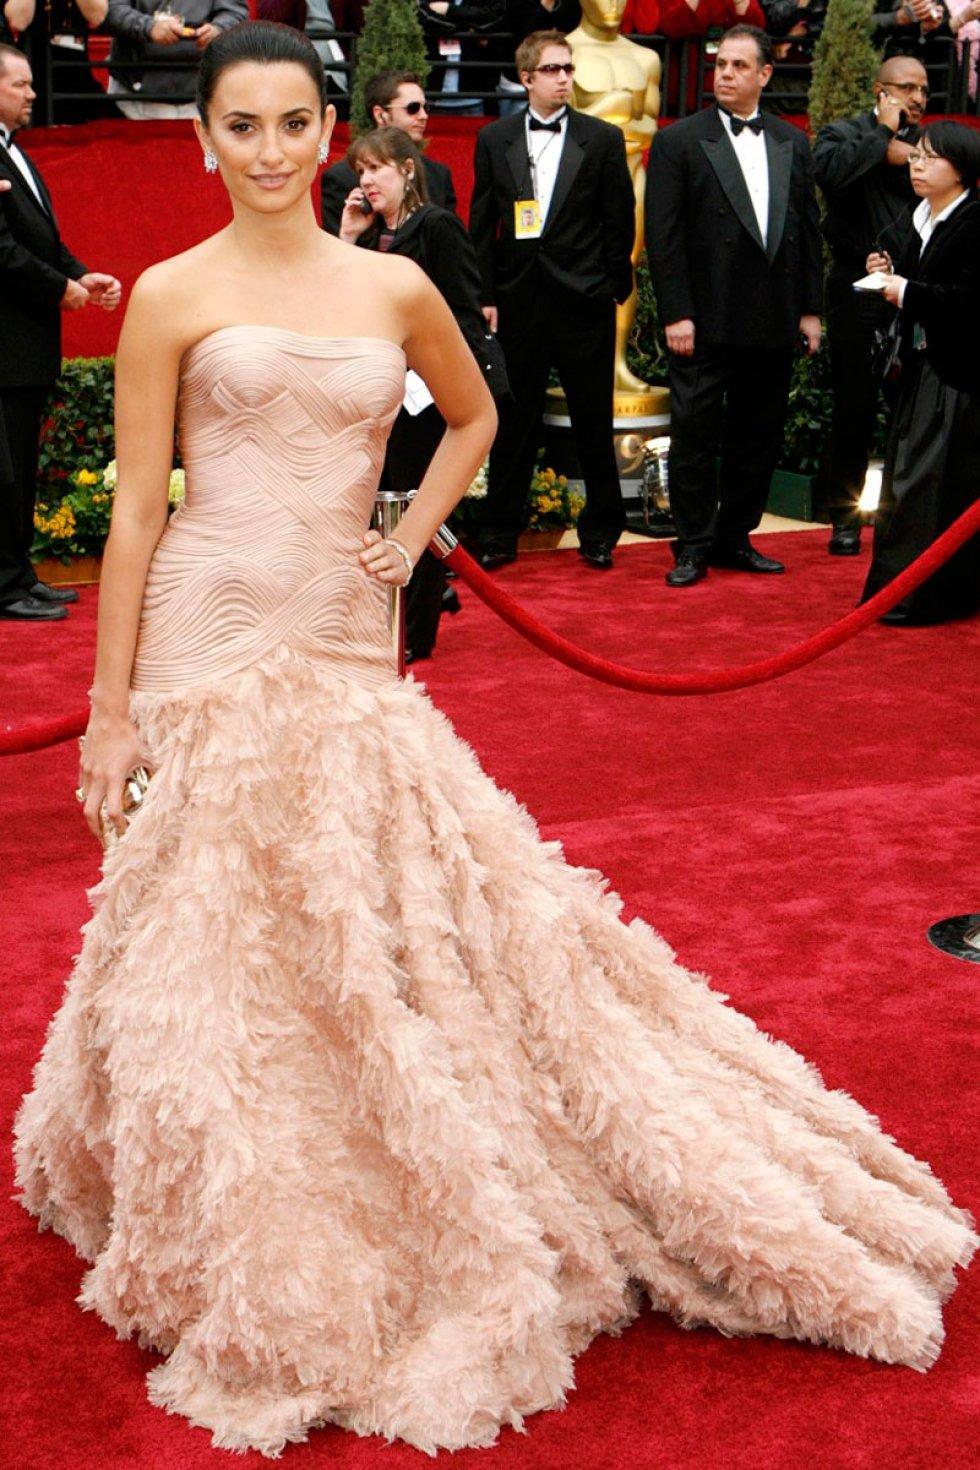 Fotos: Os vestidos mais espetaculares da história do Oscar